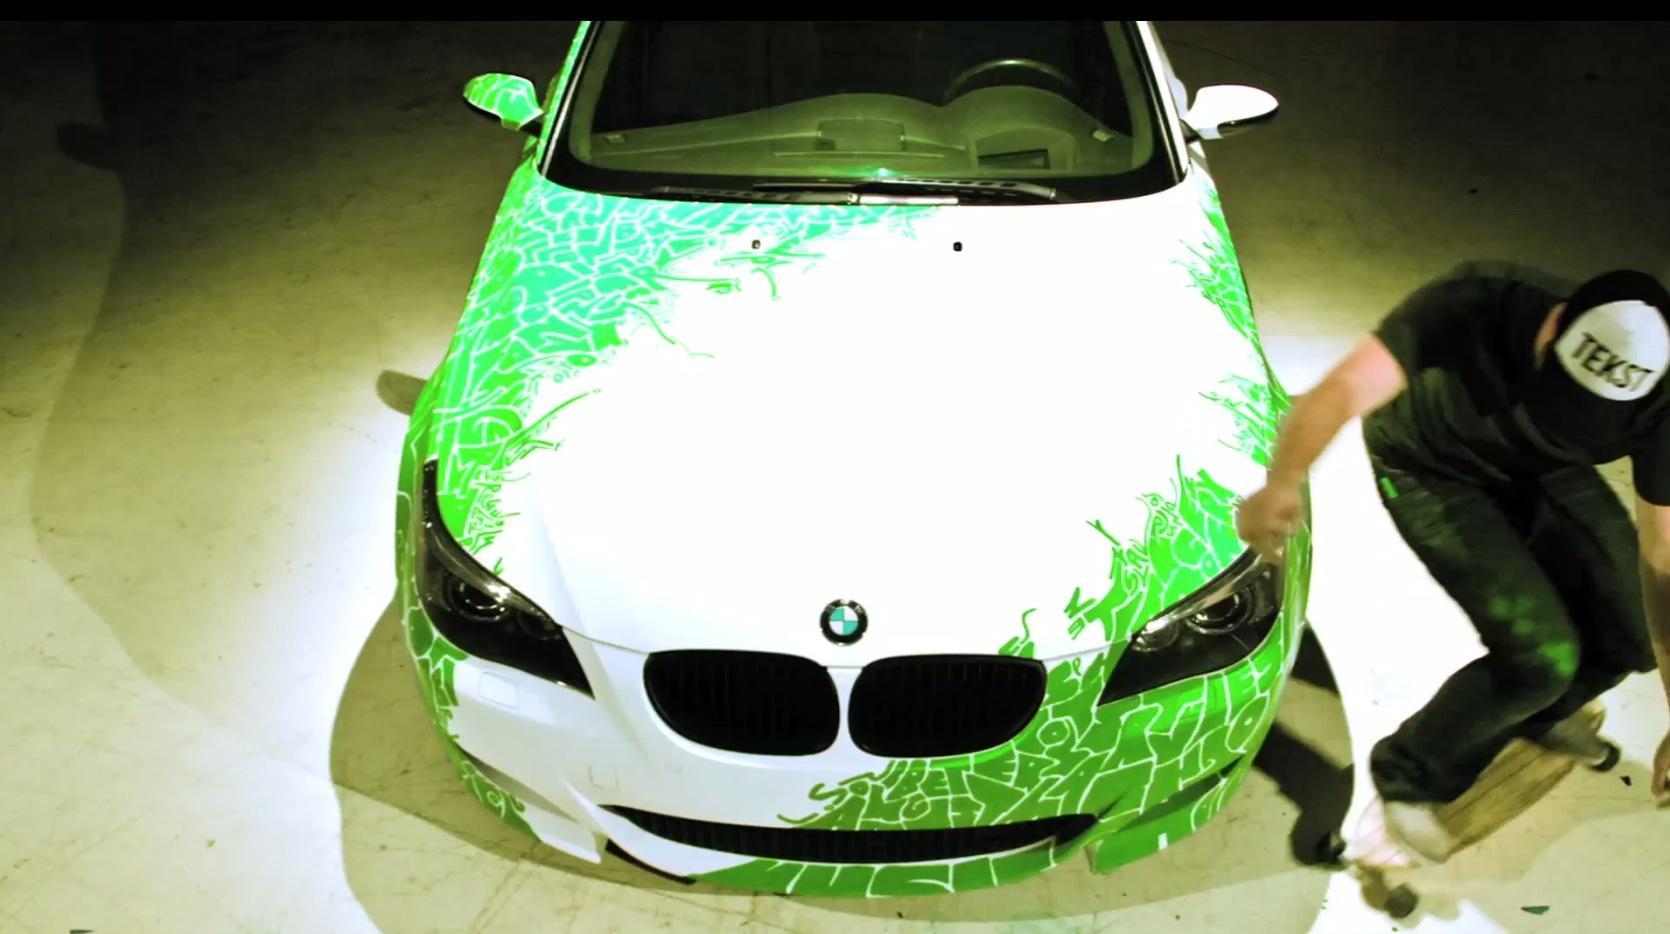 TEKSTartist BMW.jpeg